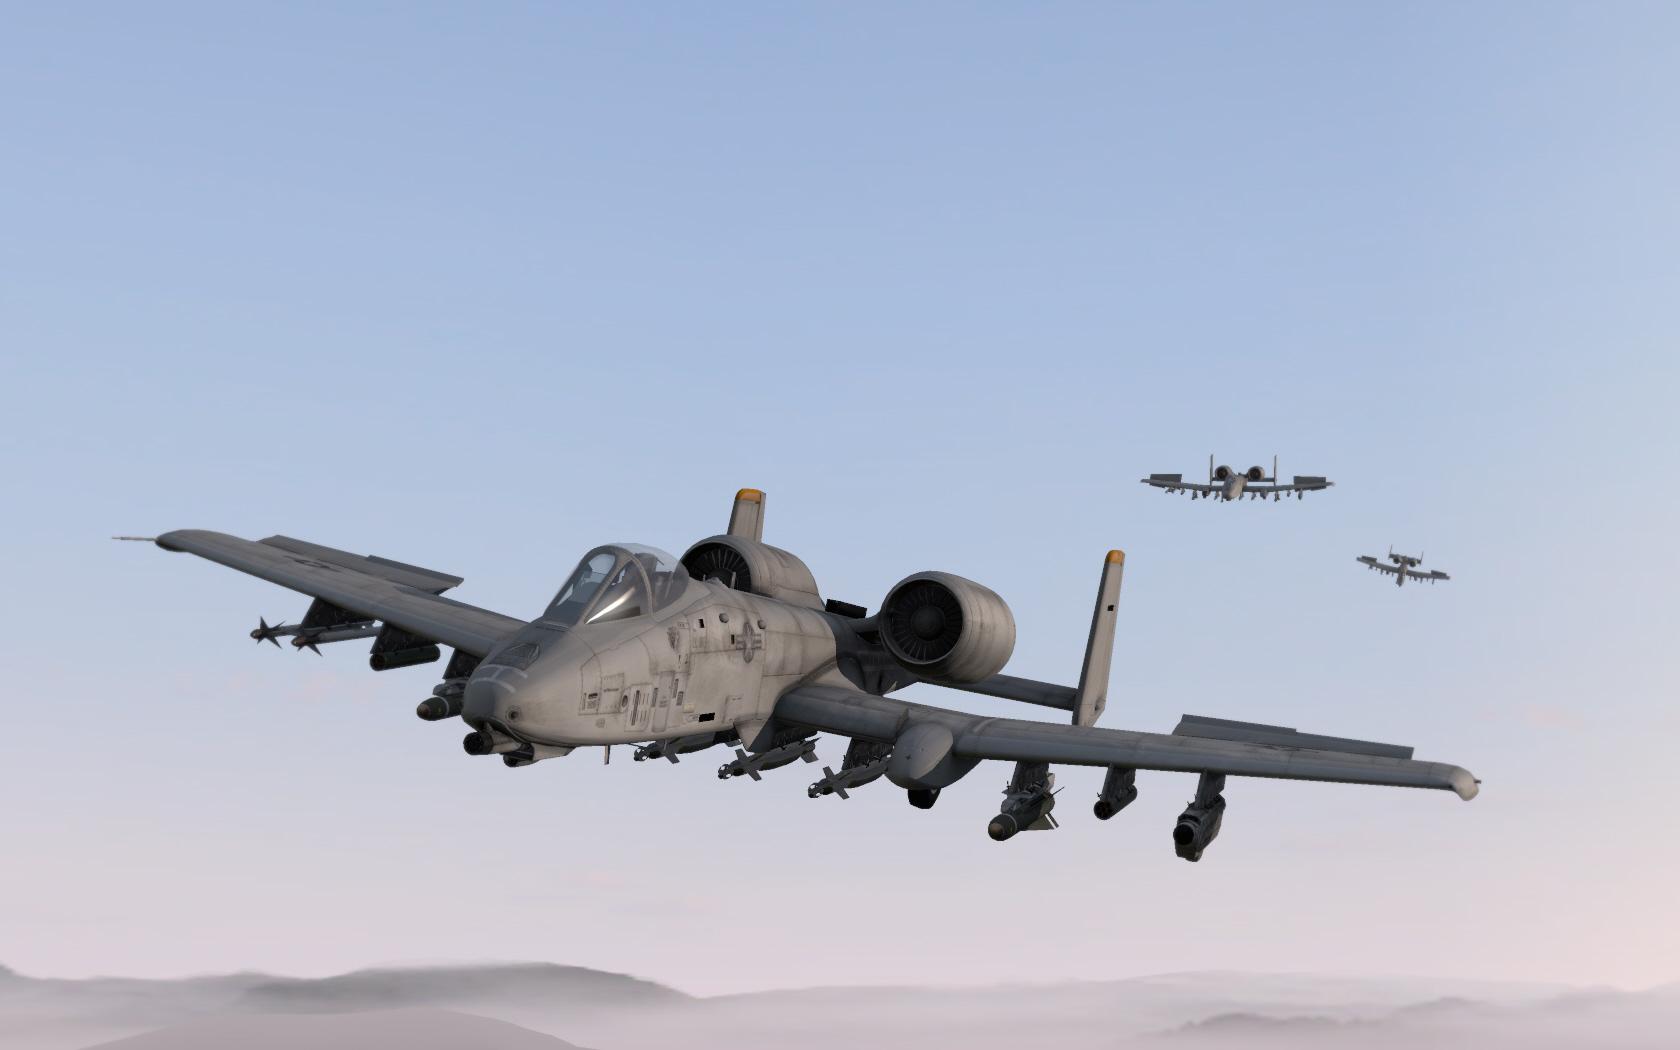 Используйте следующие ссылки для вставки скриншота ArmA 2 на страницу